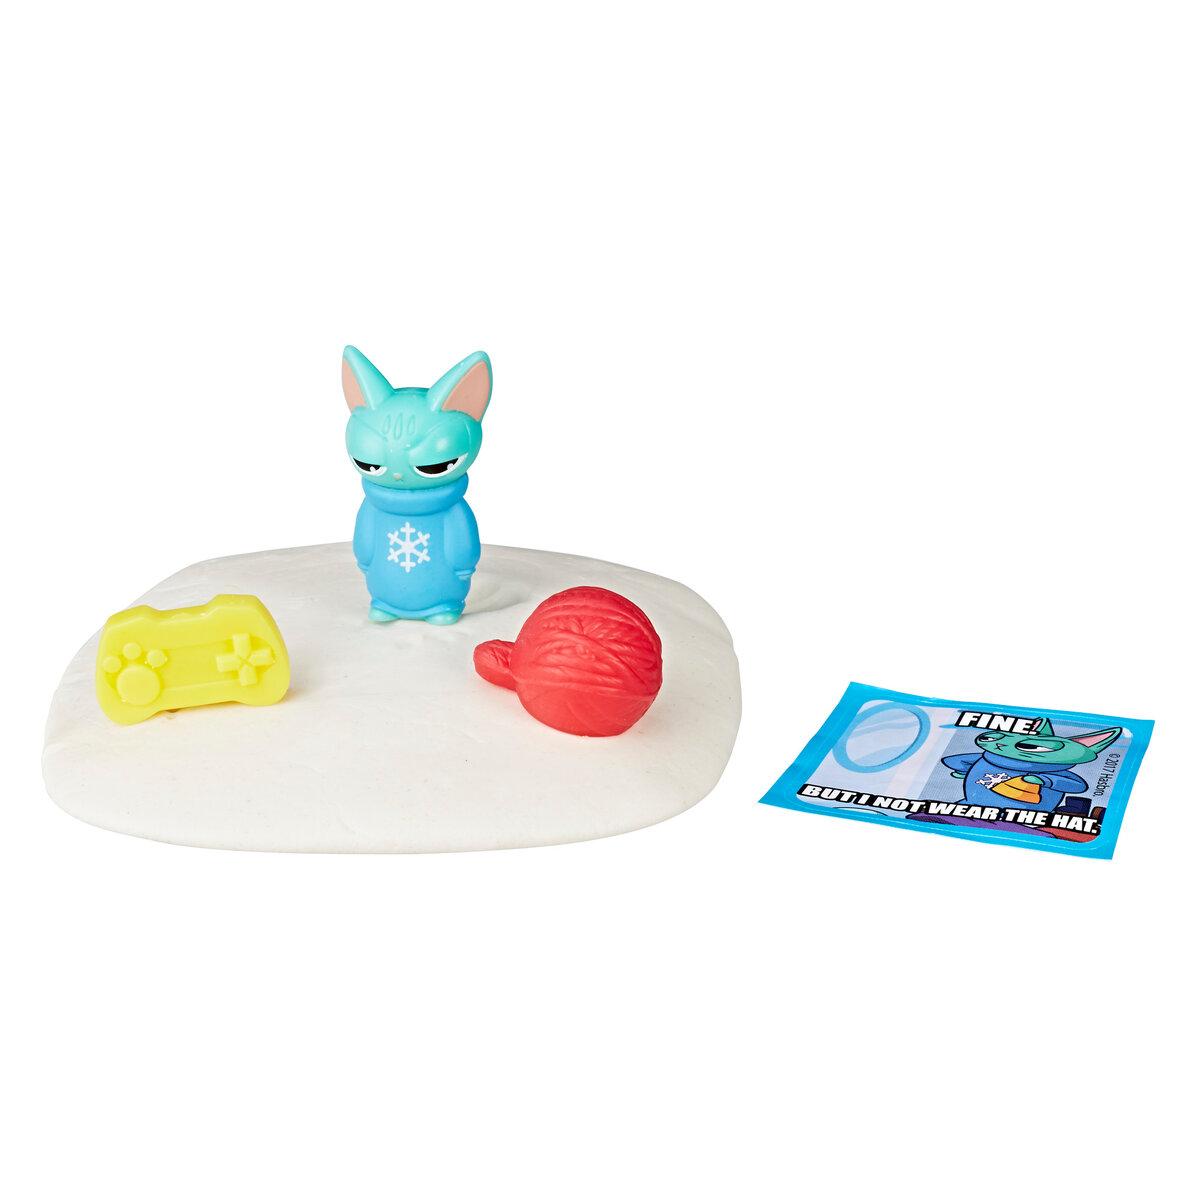 коты в молоке игрушка коллекция может заключаться заднем